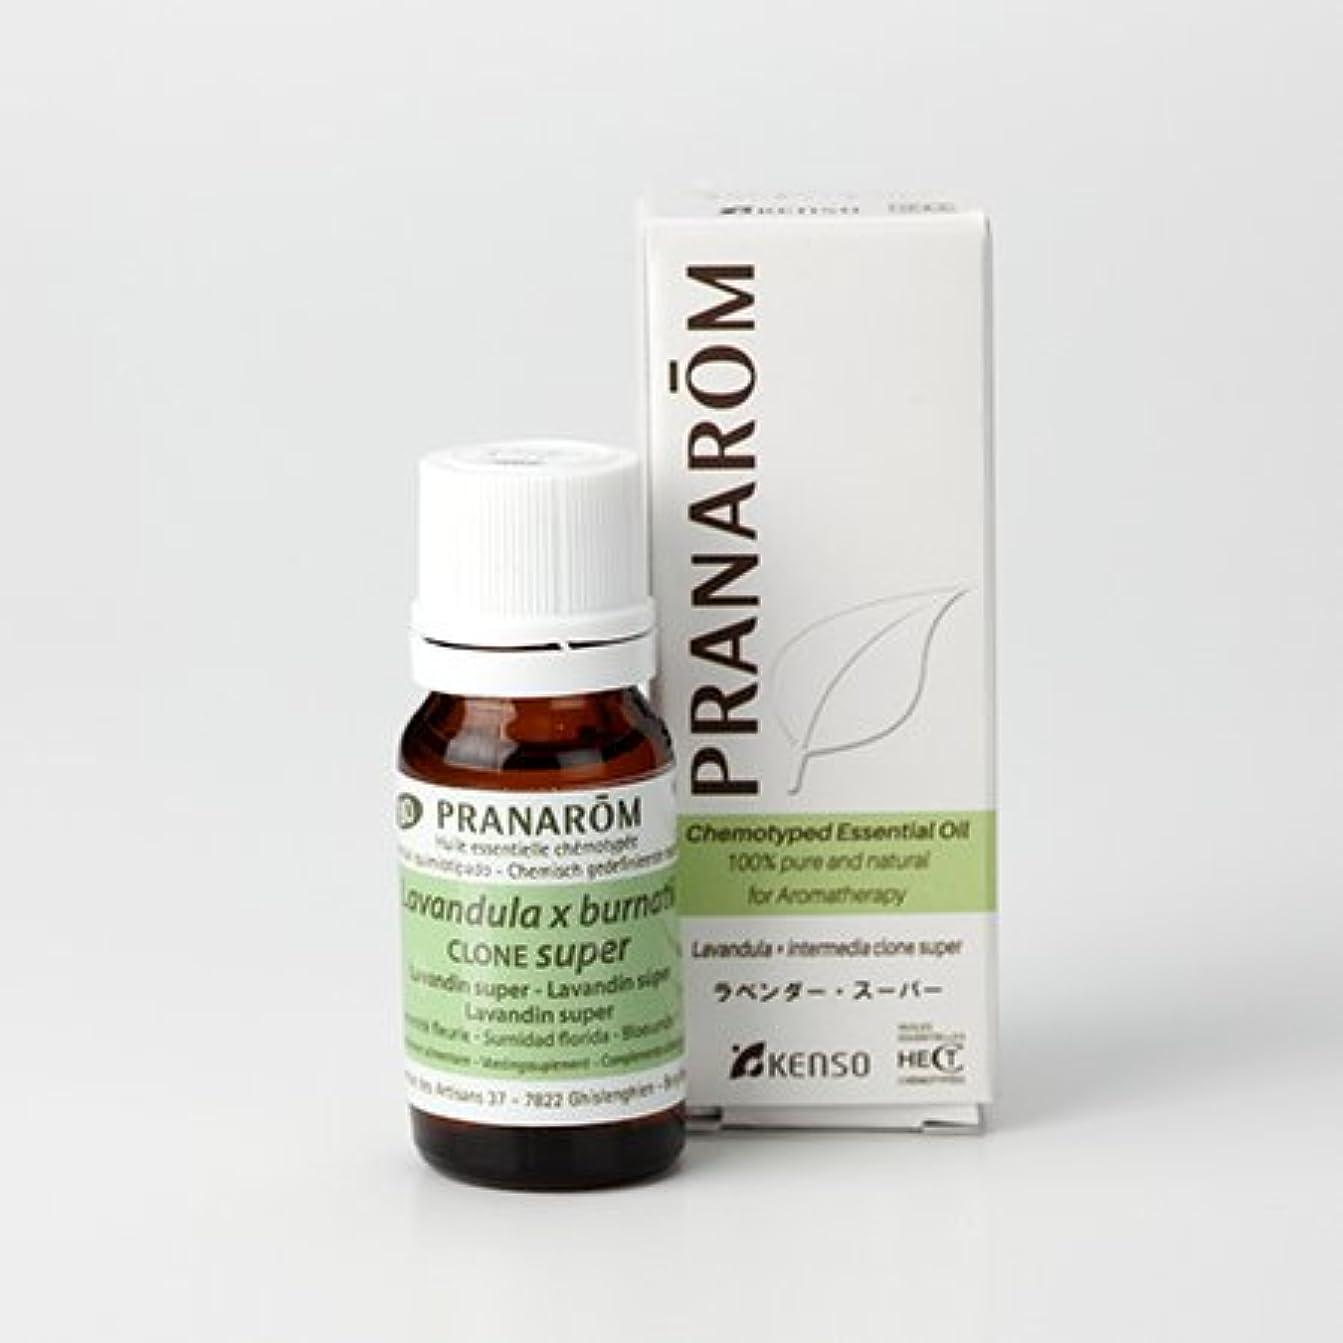 フィルタ歯痛有望プラナロム ( PRANAROM ) 精油 ラベンダー?スーパー 10ml p-100 ラベンダースーパー